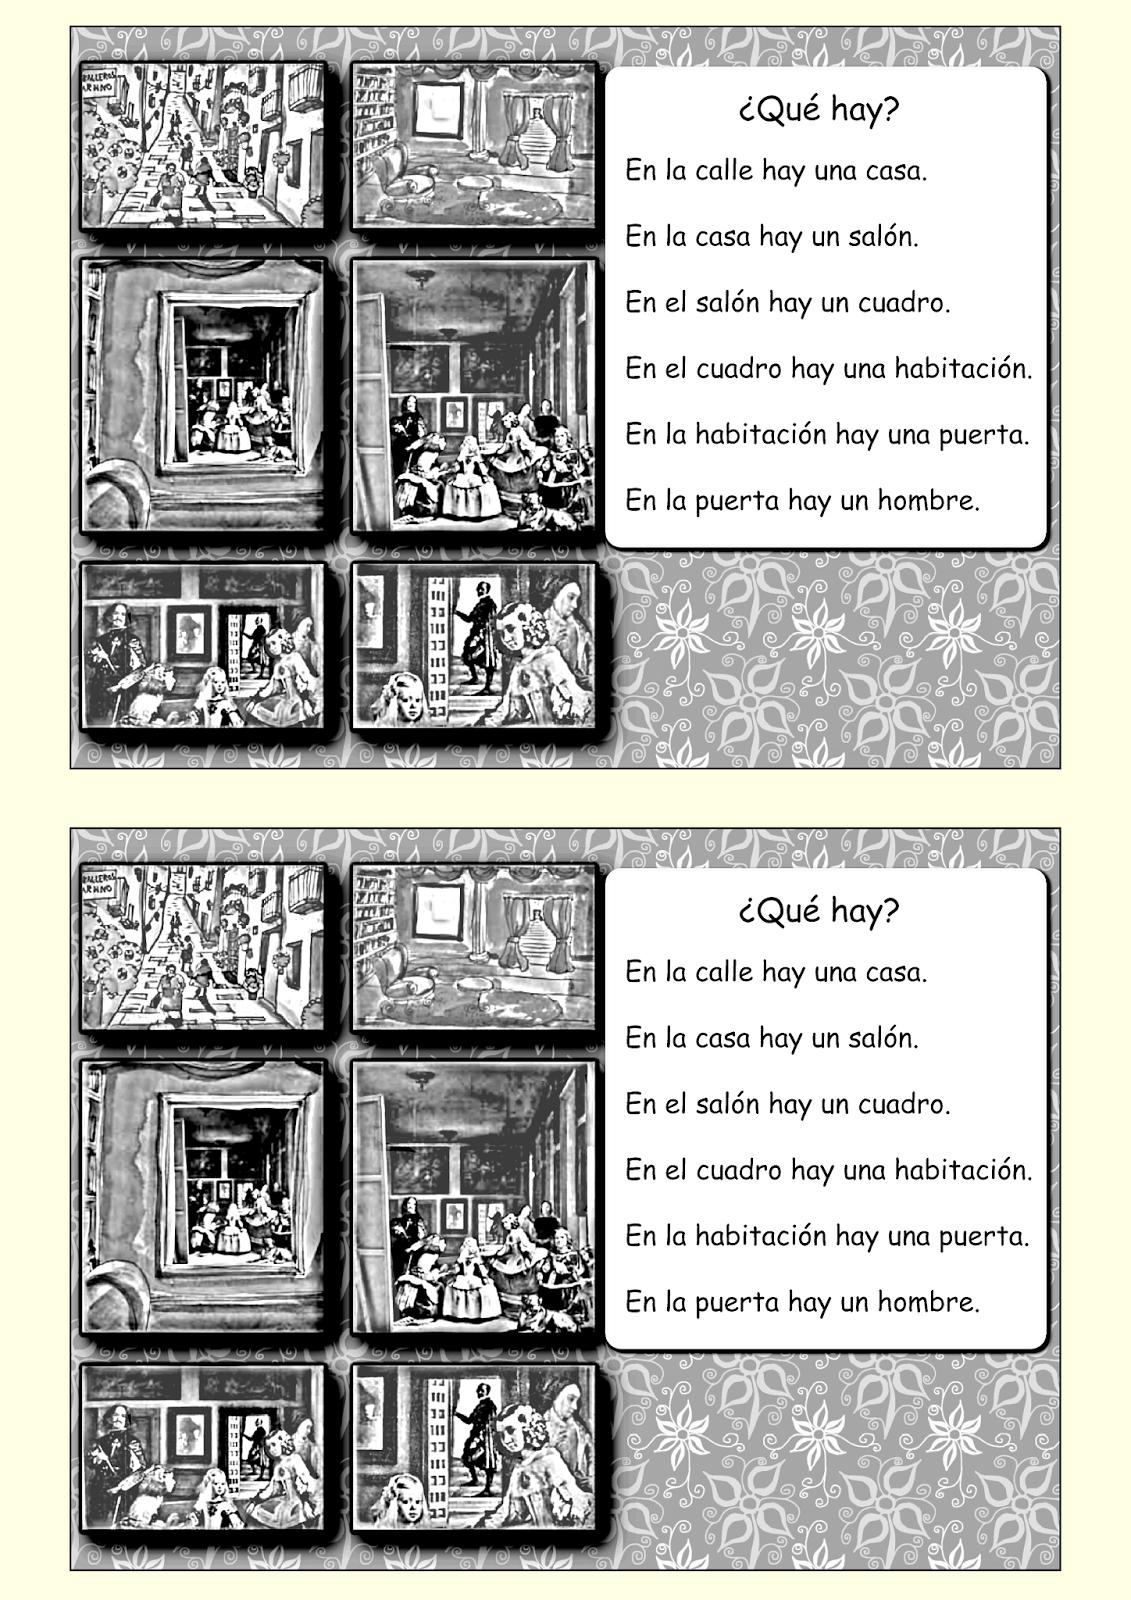 Me Encanta Escribir En Espanol Que Hay En La Calle